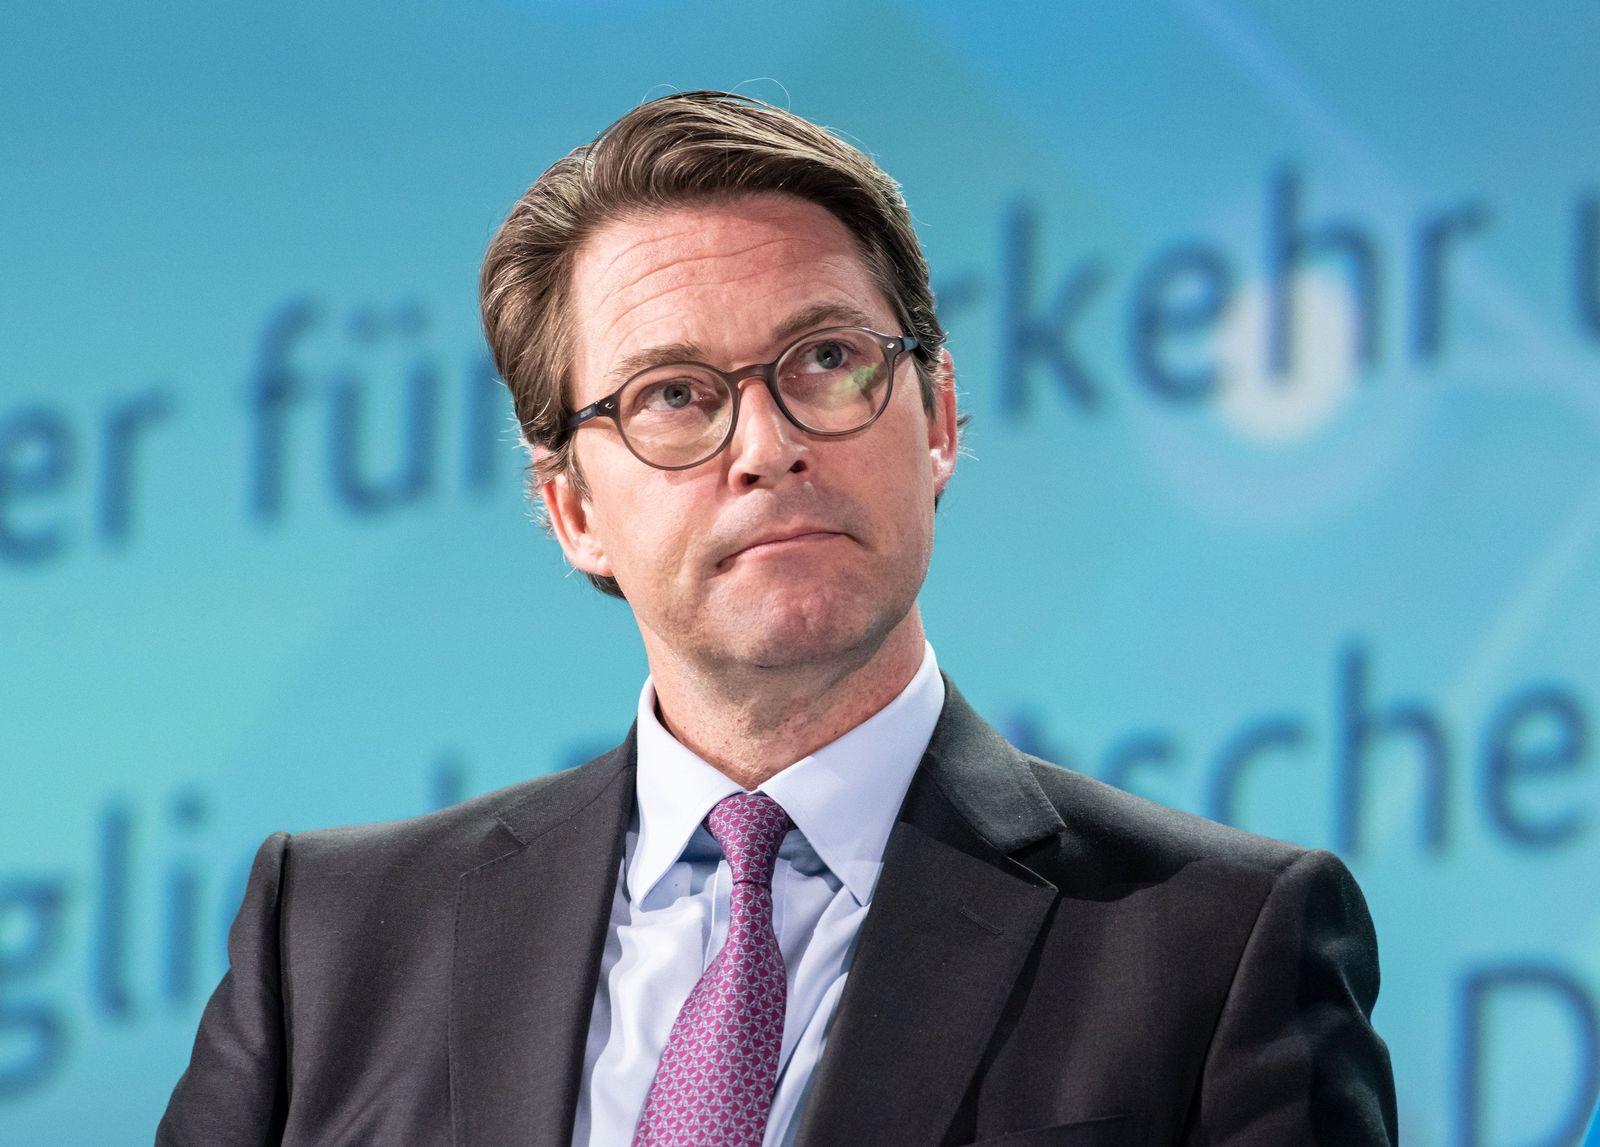 Verkehrsminister/ Andreas scheuer